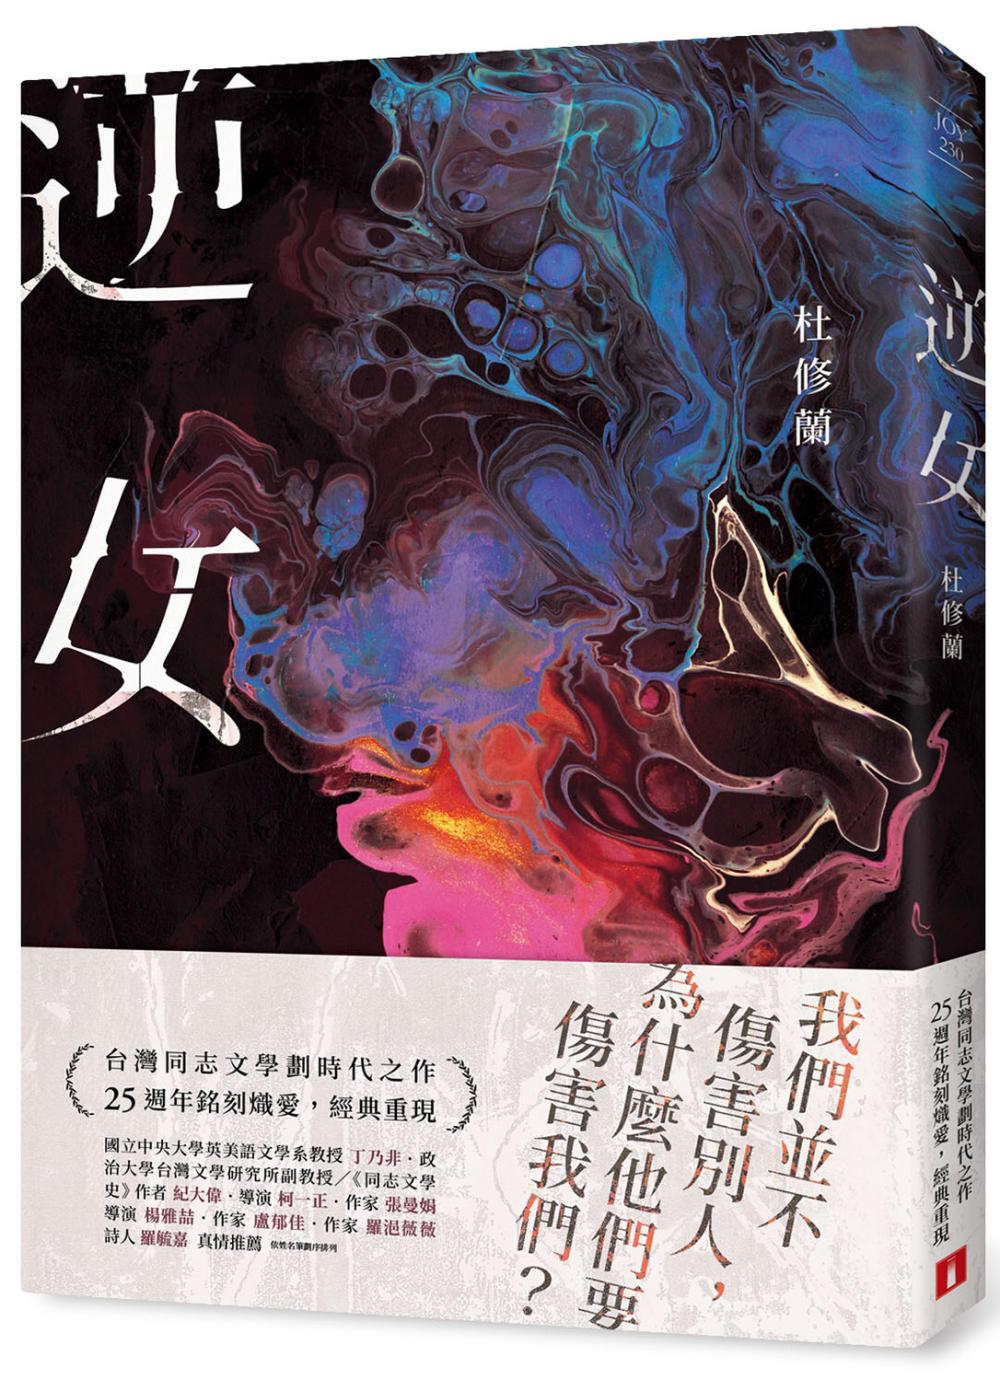 逆女【25週年銘刻熾愛紀念版】...